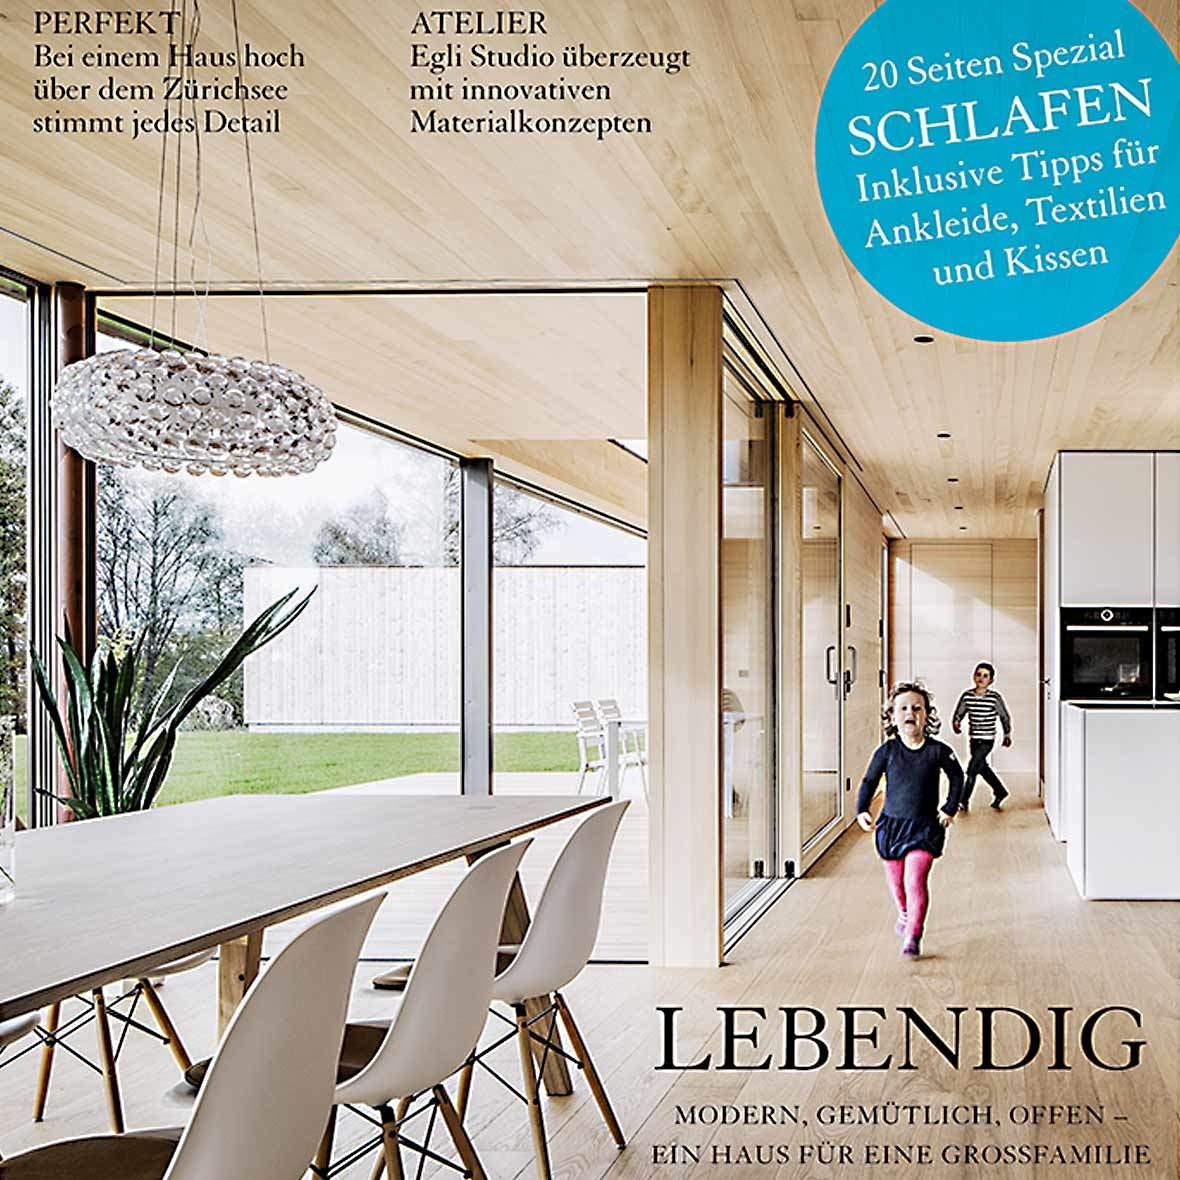 Das Ideale Heim Wohnzeitschrift